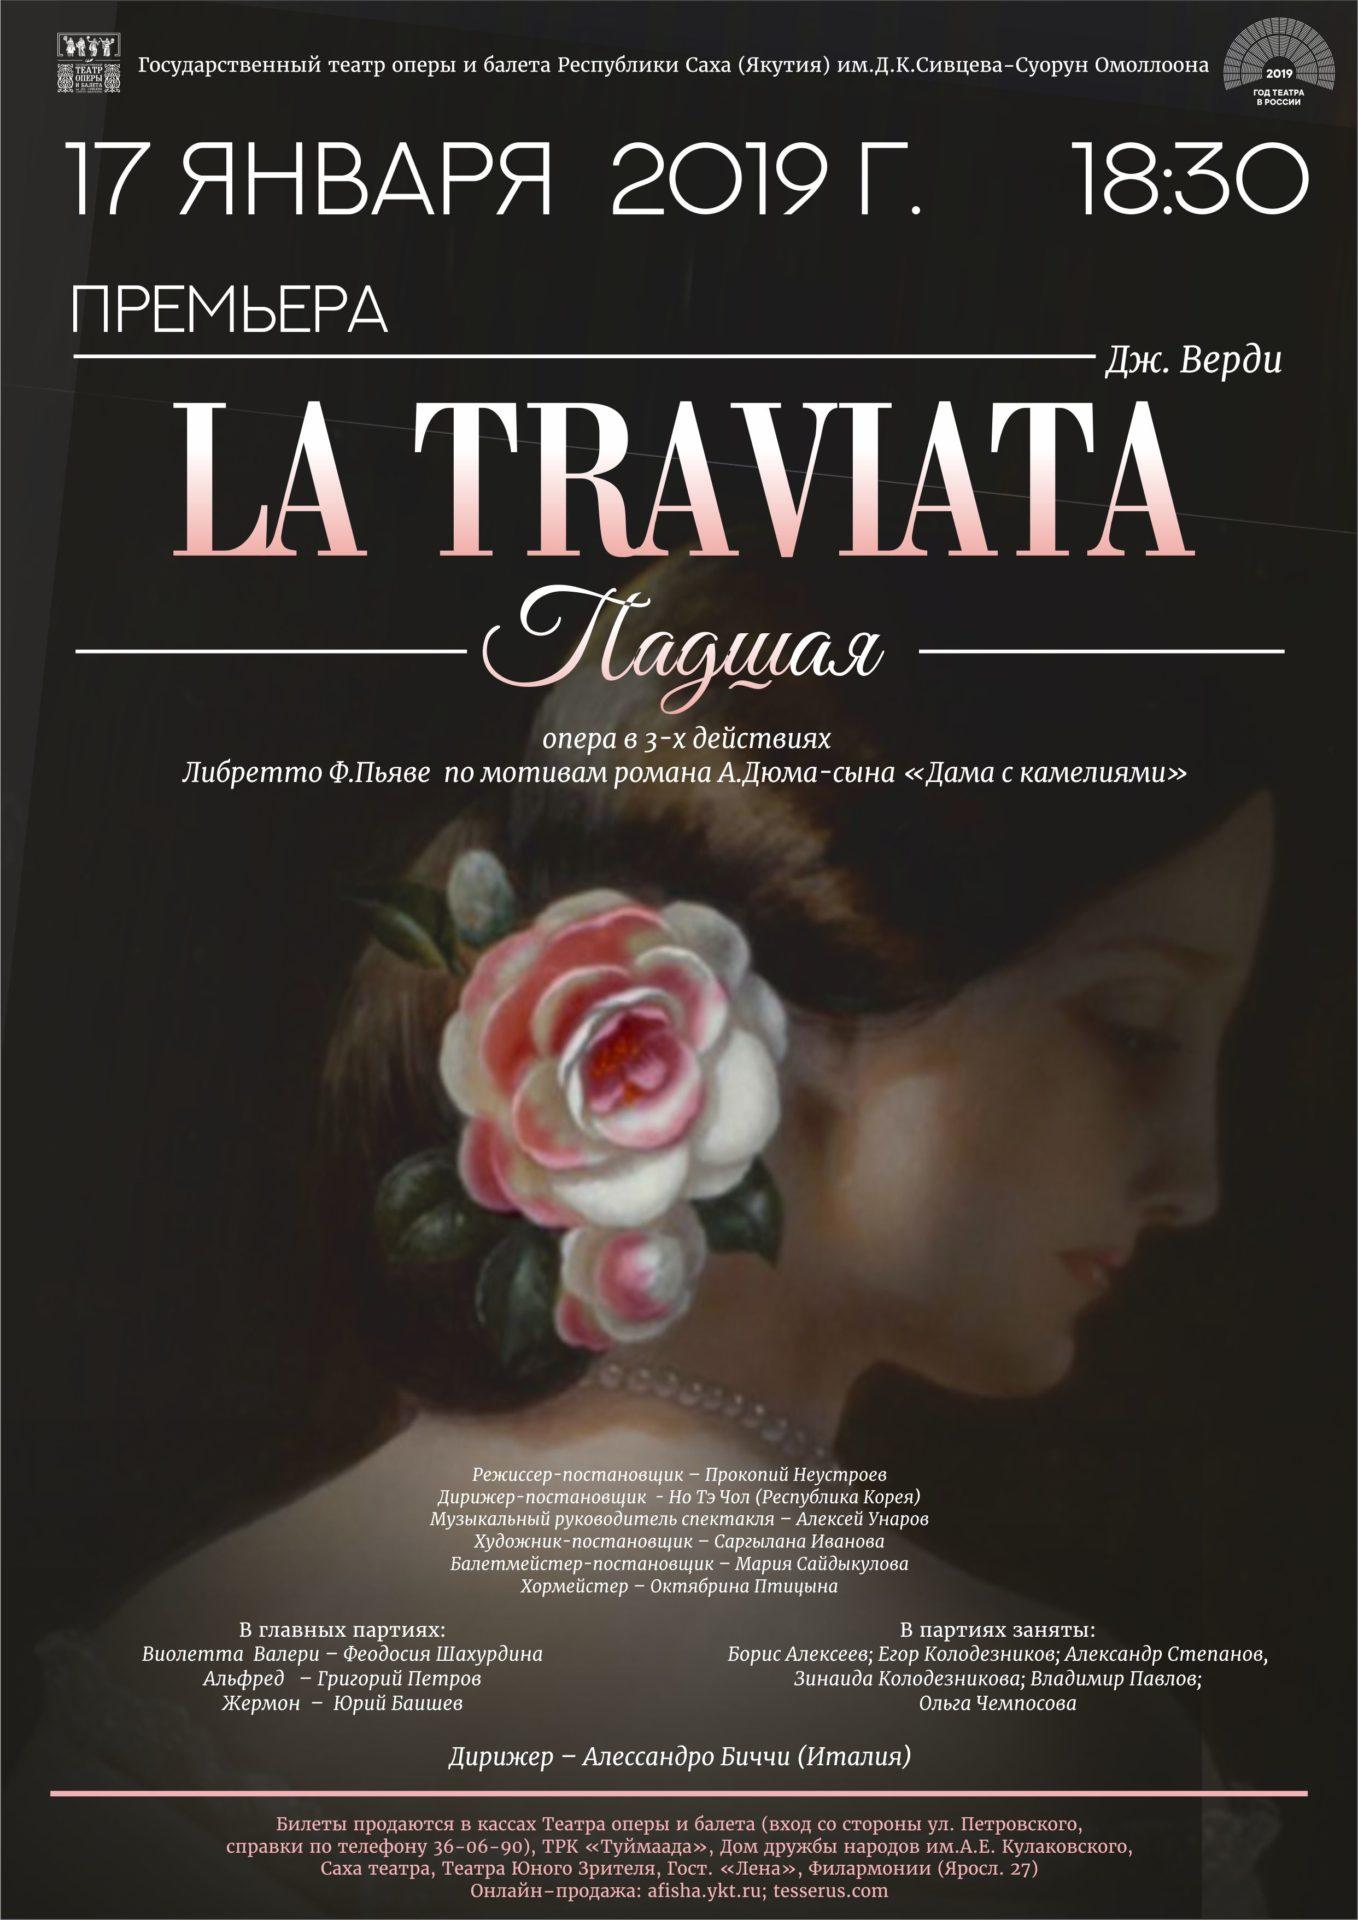 Государственный театр оперы и балета им. Суоруна Омоллоона приглашает на премьеру легендарной оперы Джузеппе Верди «Травиата»